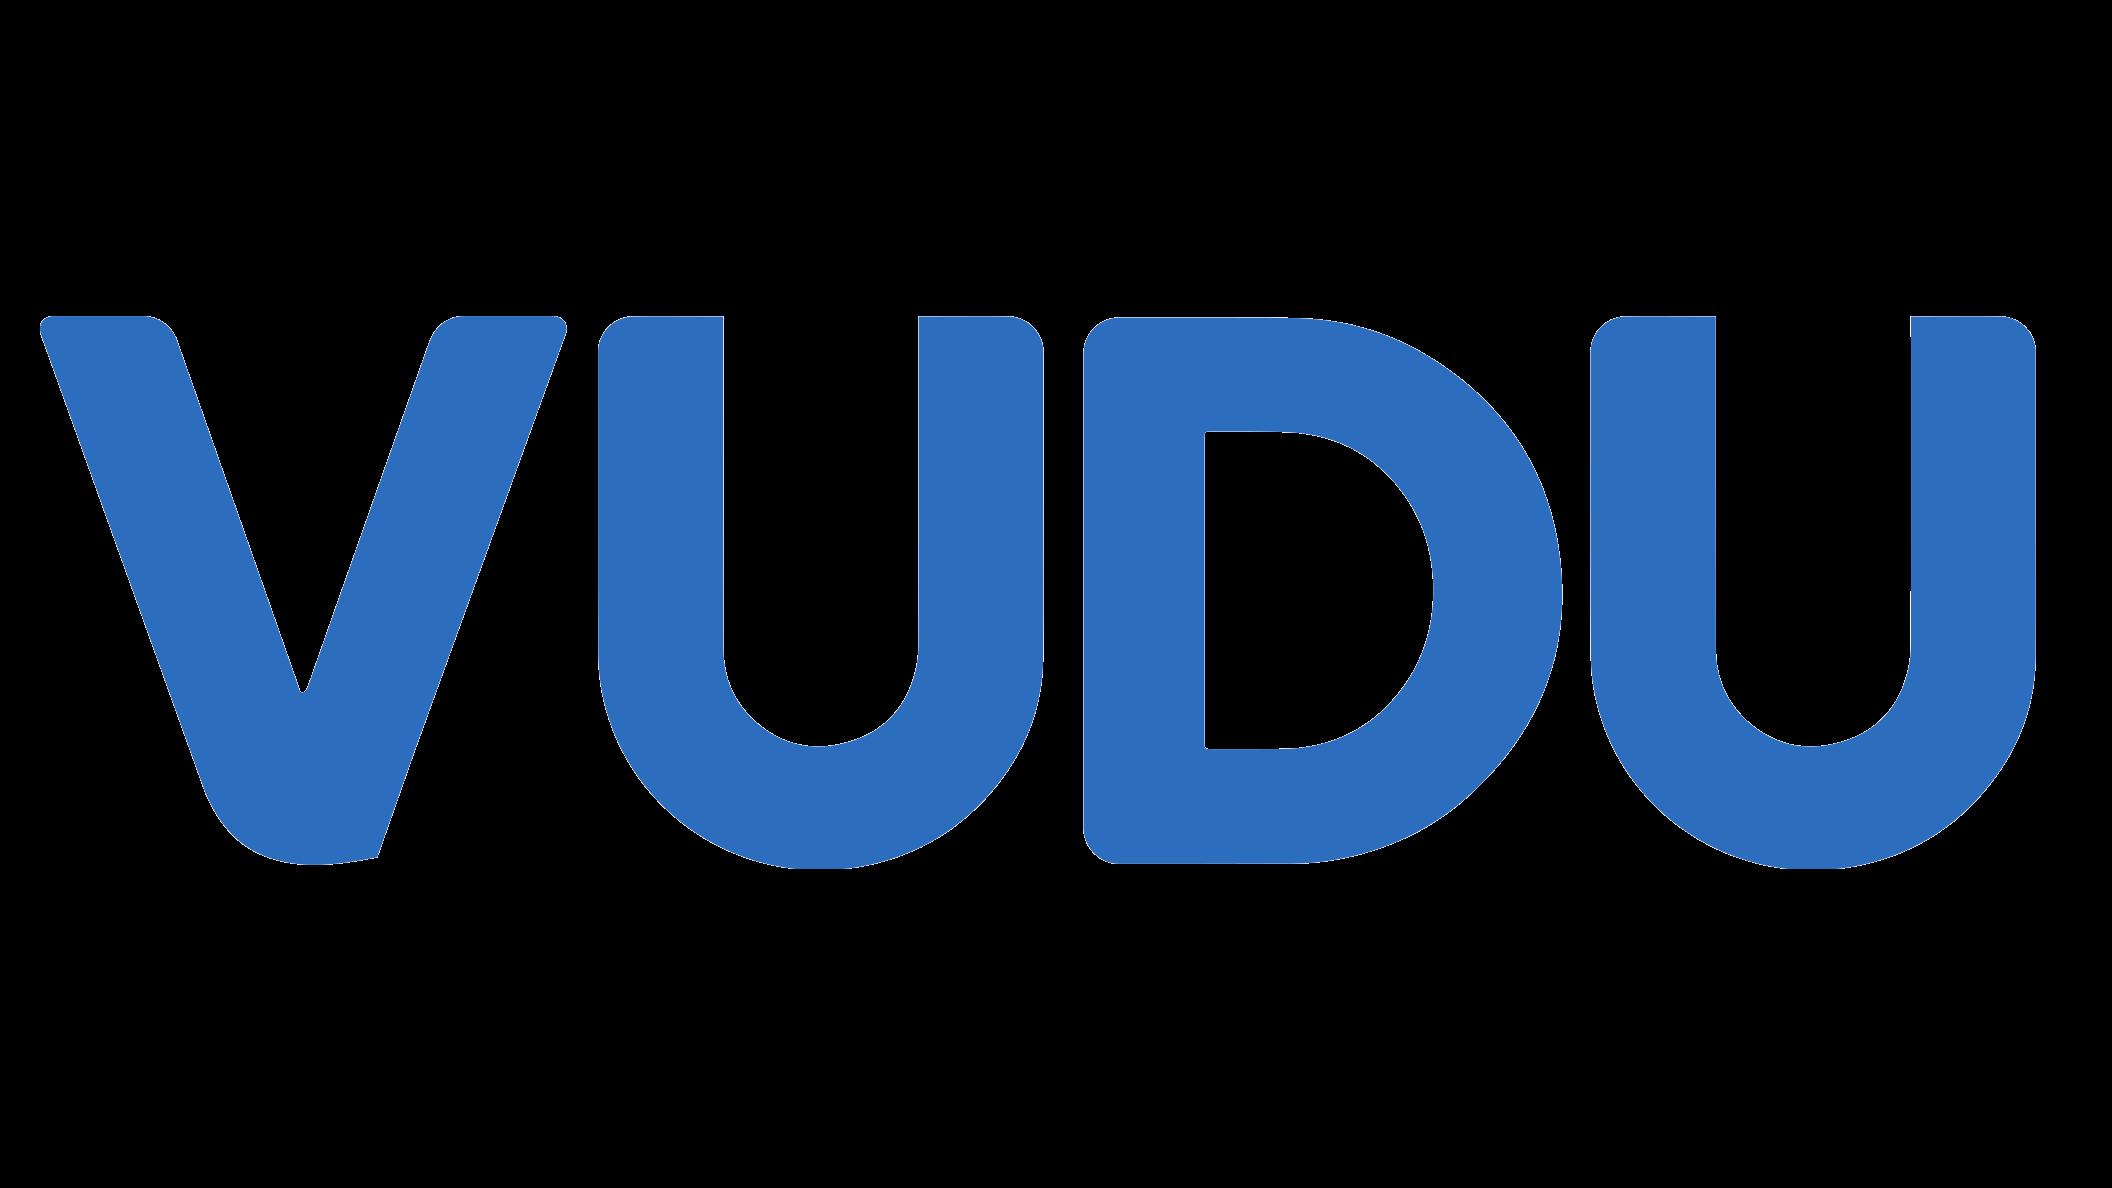 vudu-logo-howtowatchincanada